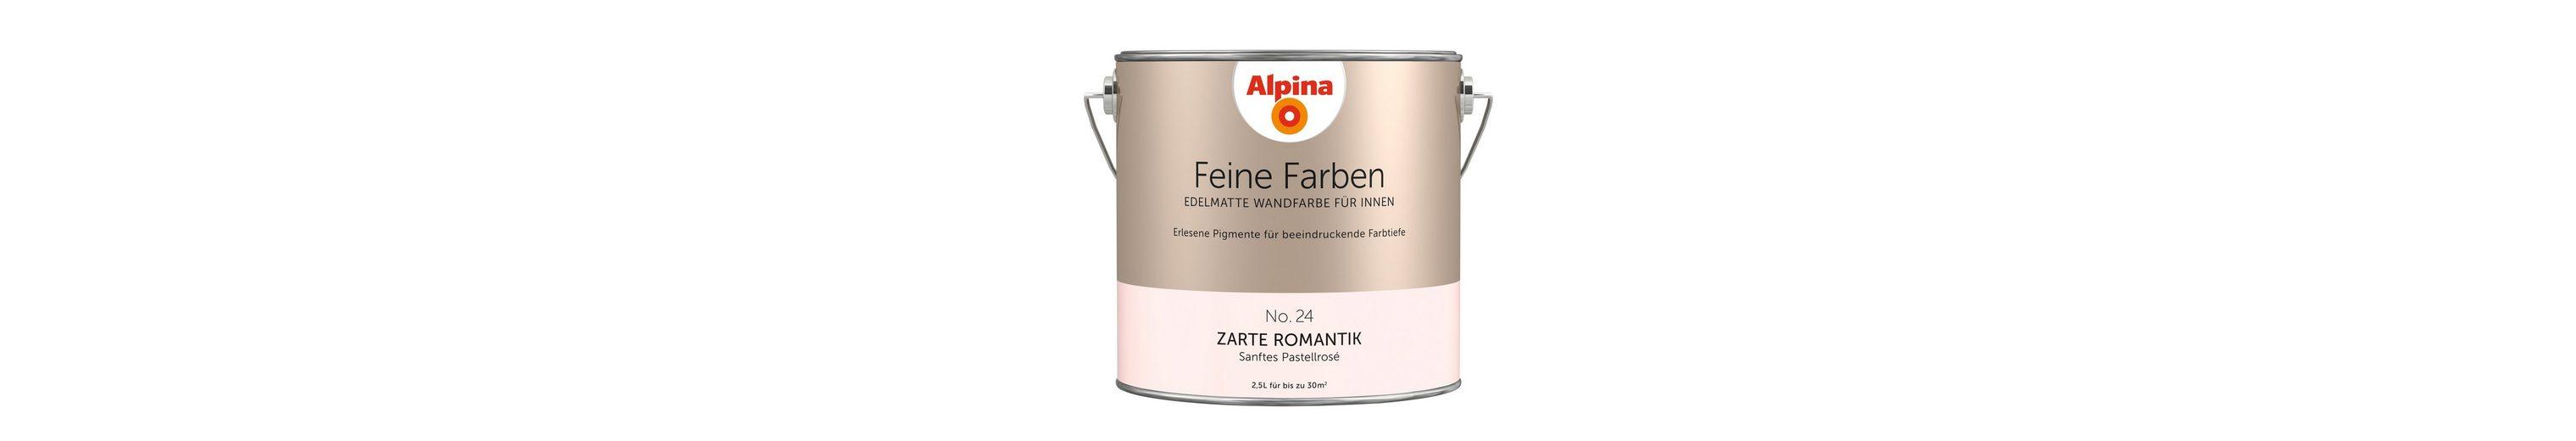 Feine Farben »Zarte Romantik«